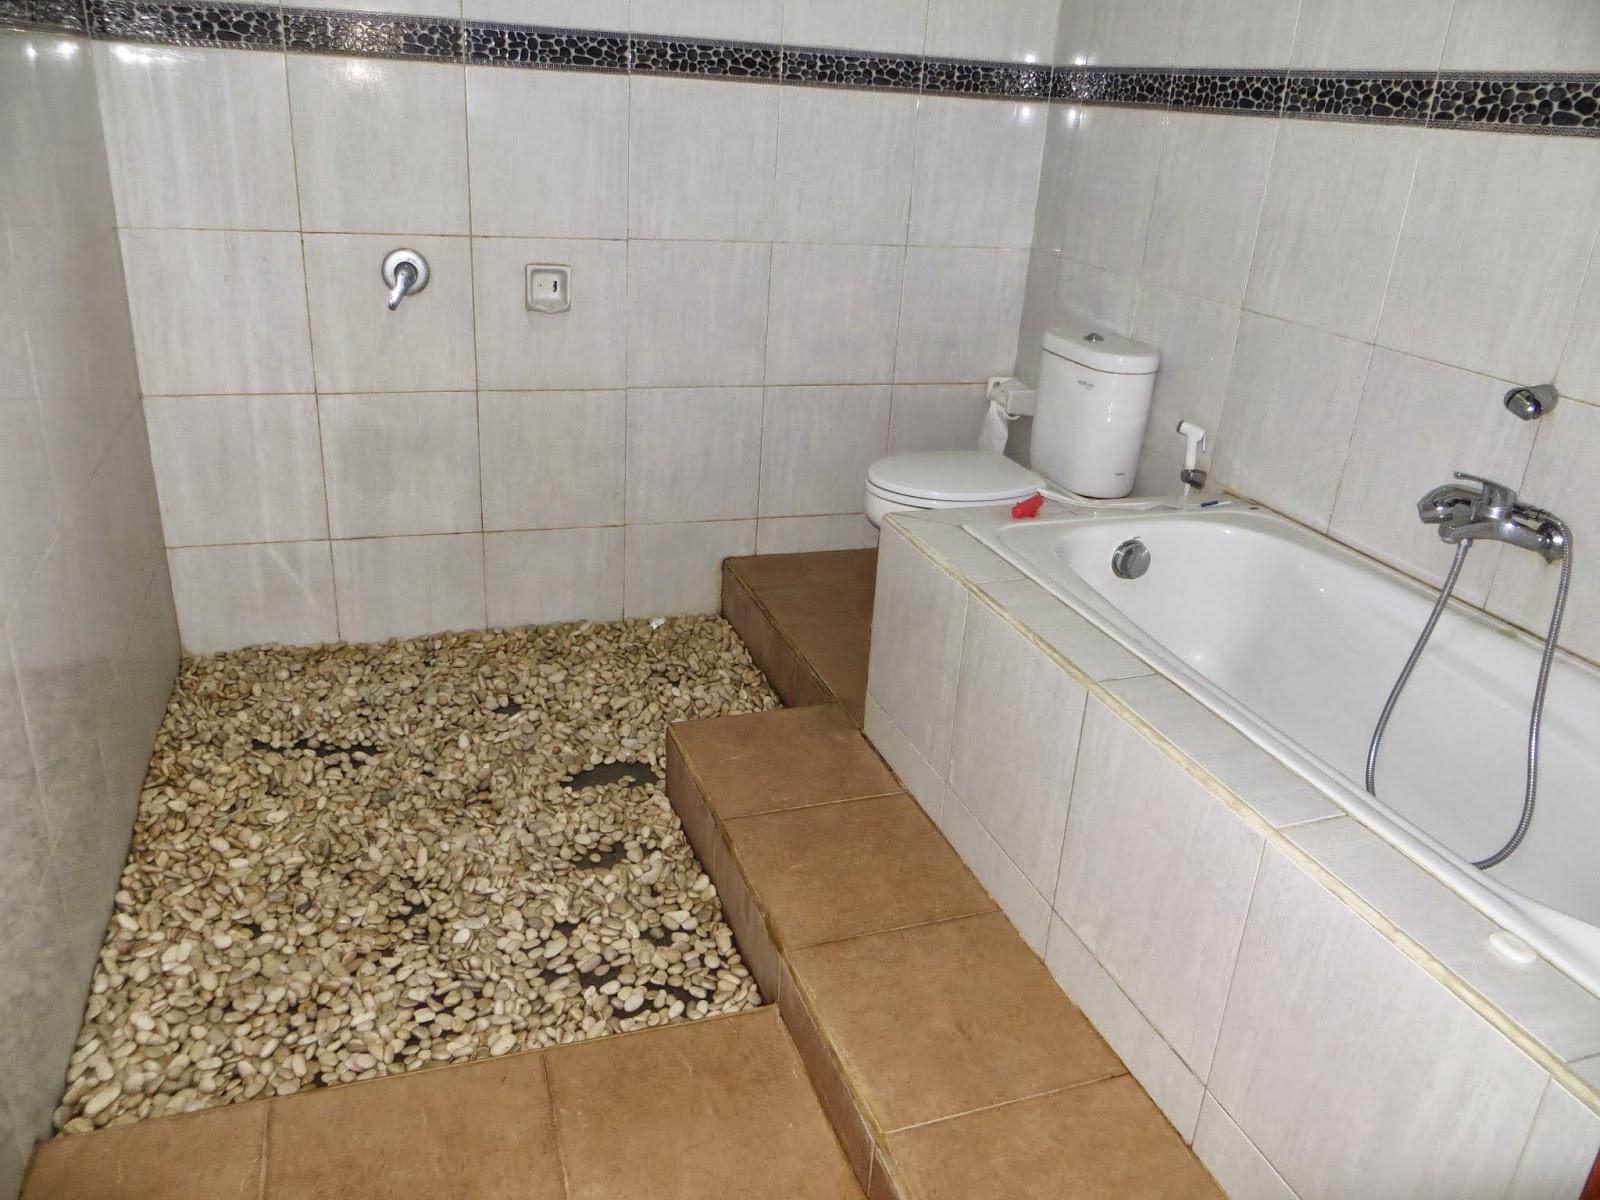 Piastrelle bagno trasparenti con sassi rivestimenti bagno con